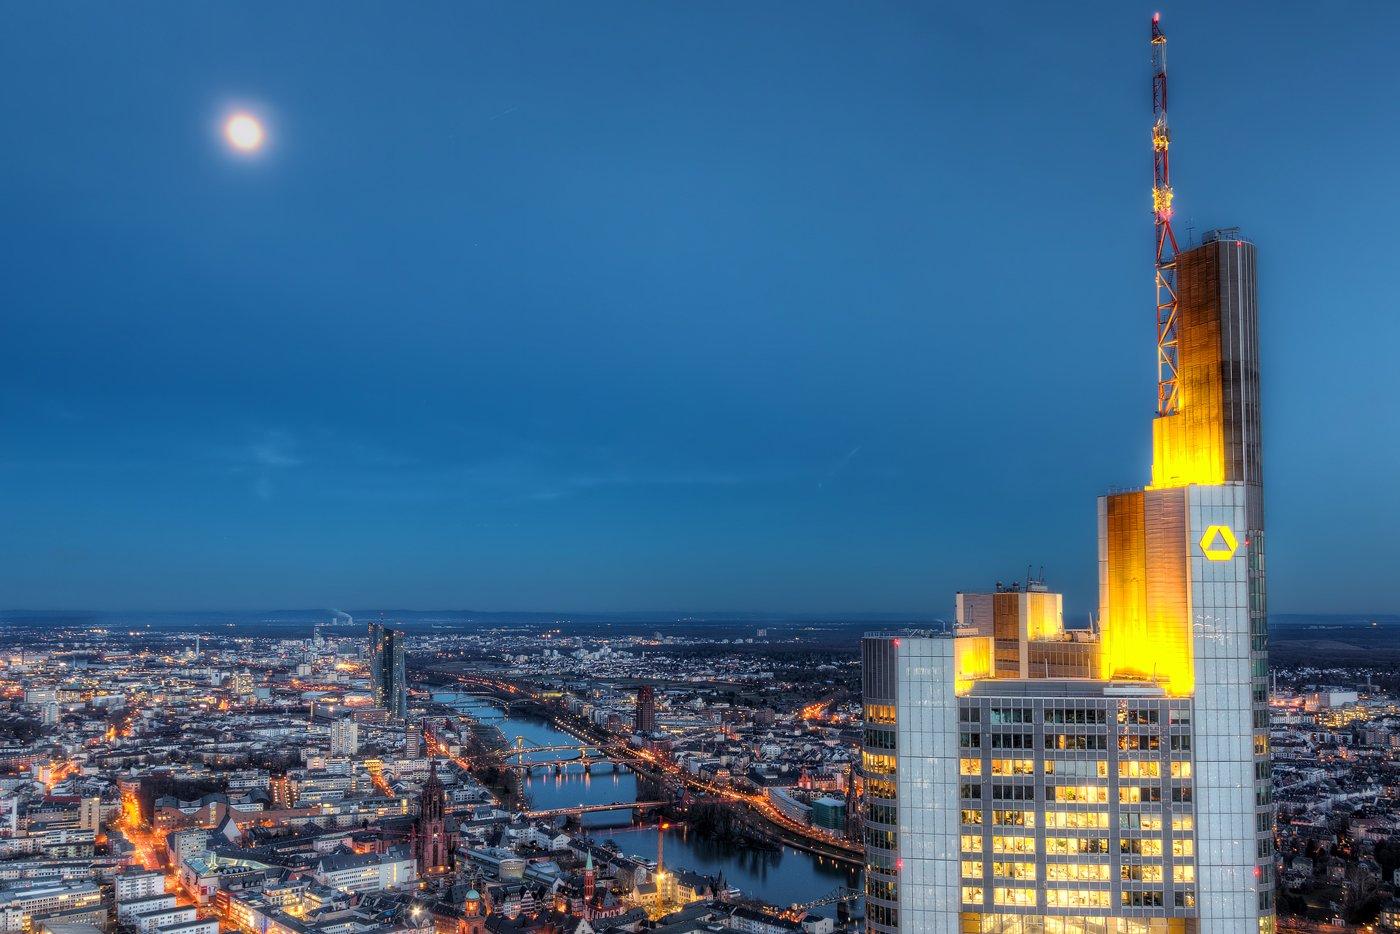 Commerzbanktoren in Frankfurt bij volle maan